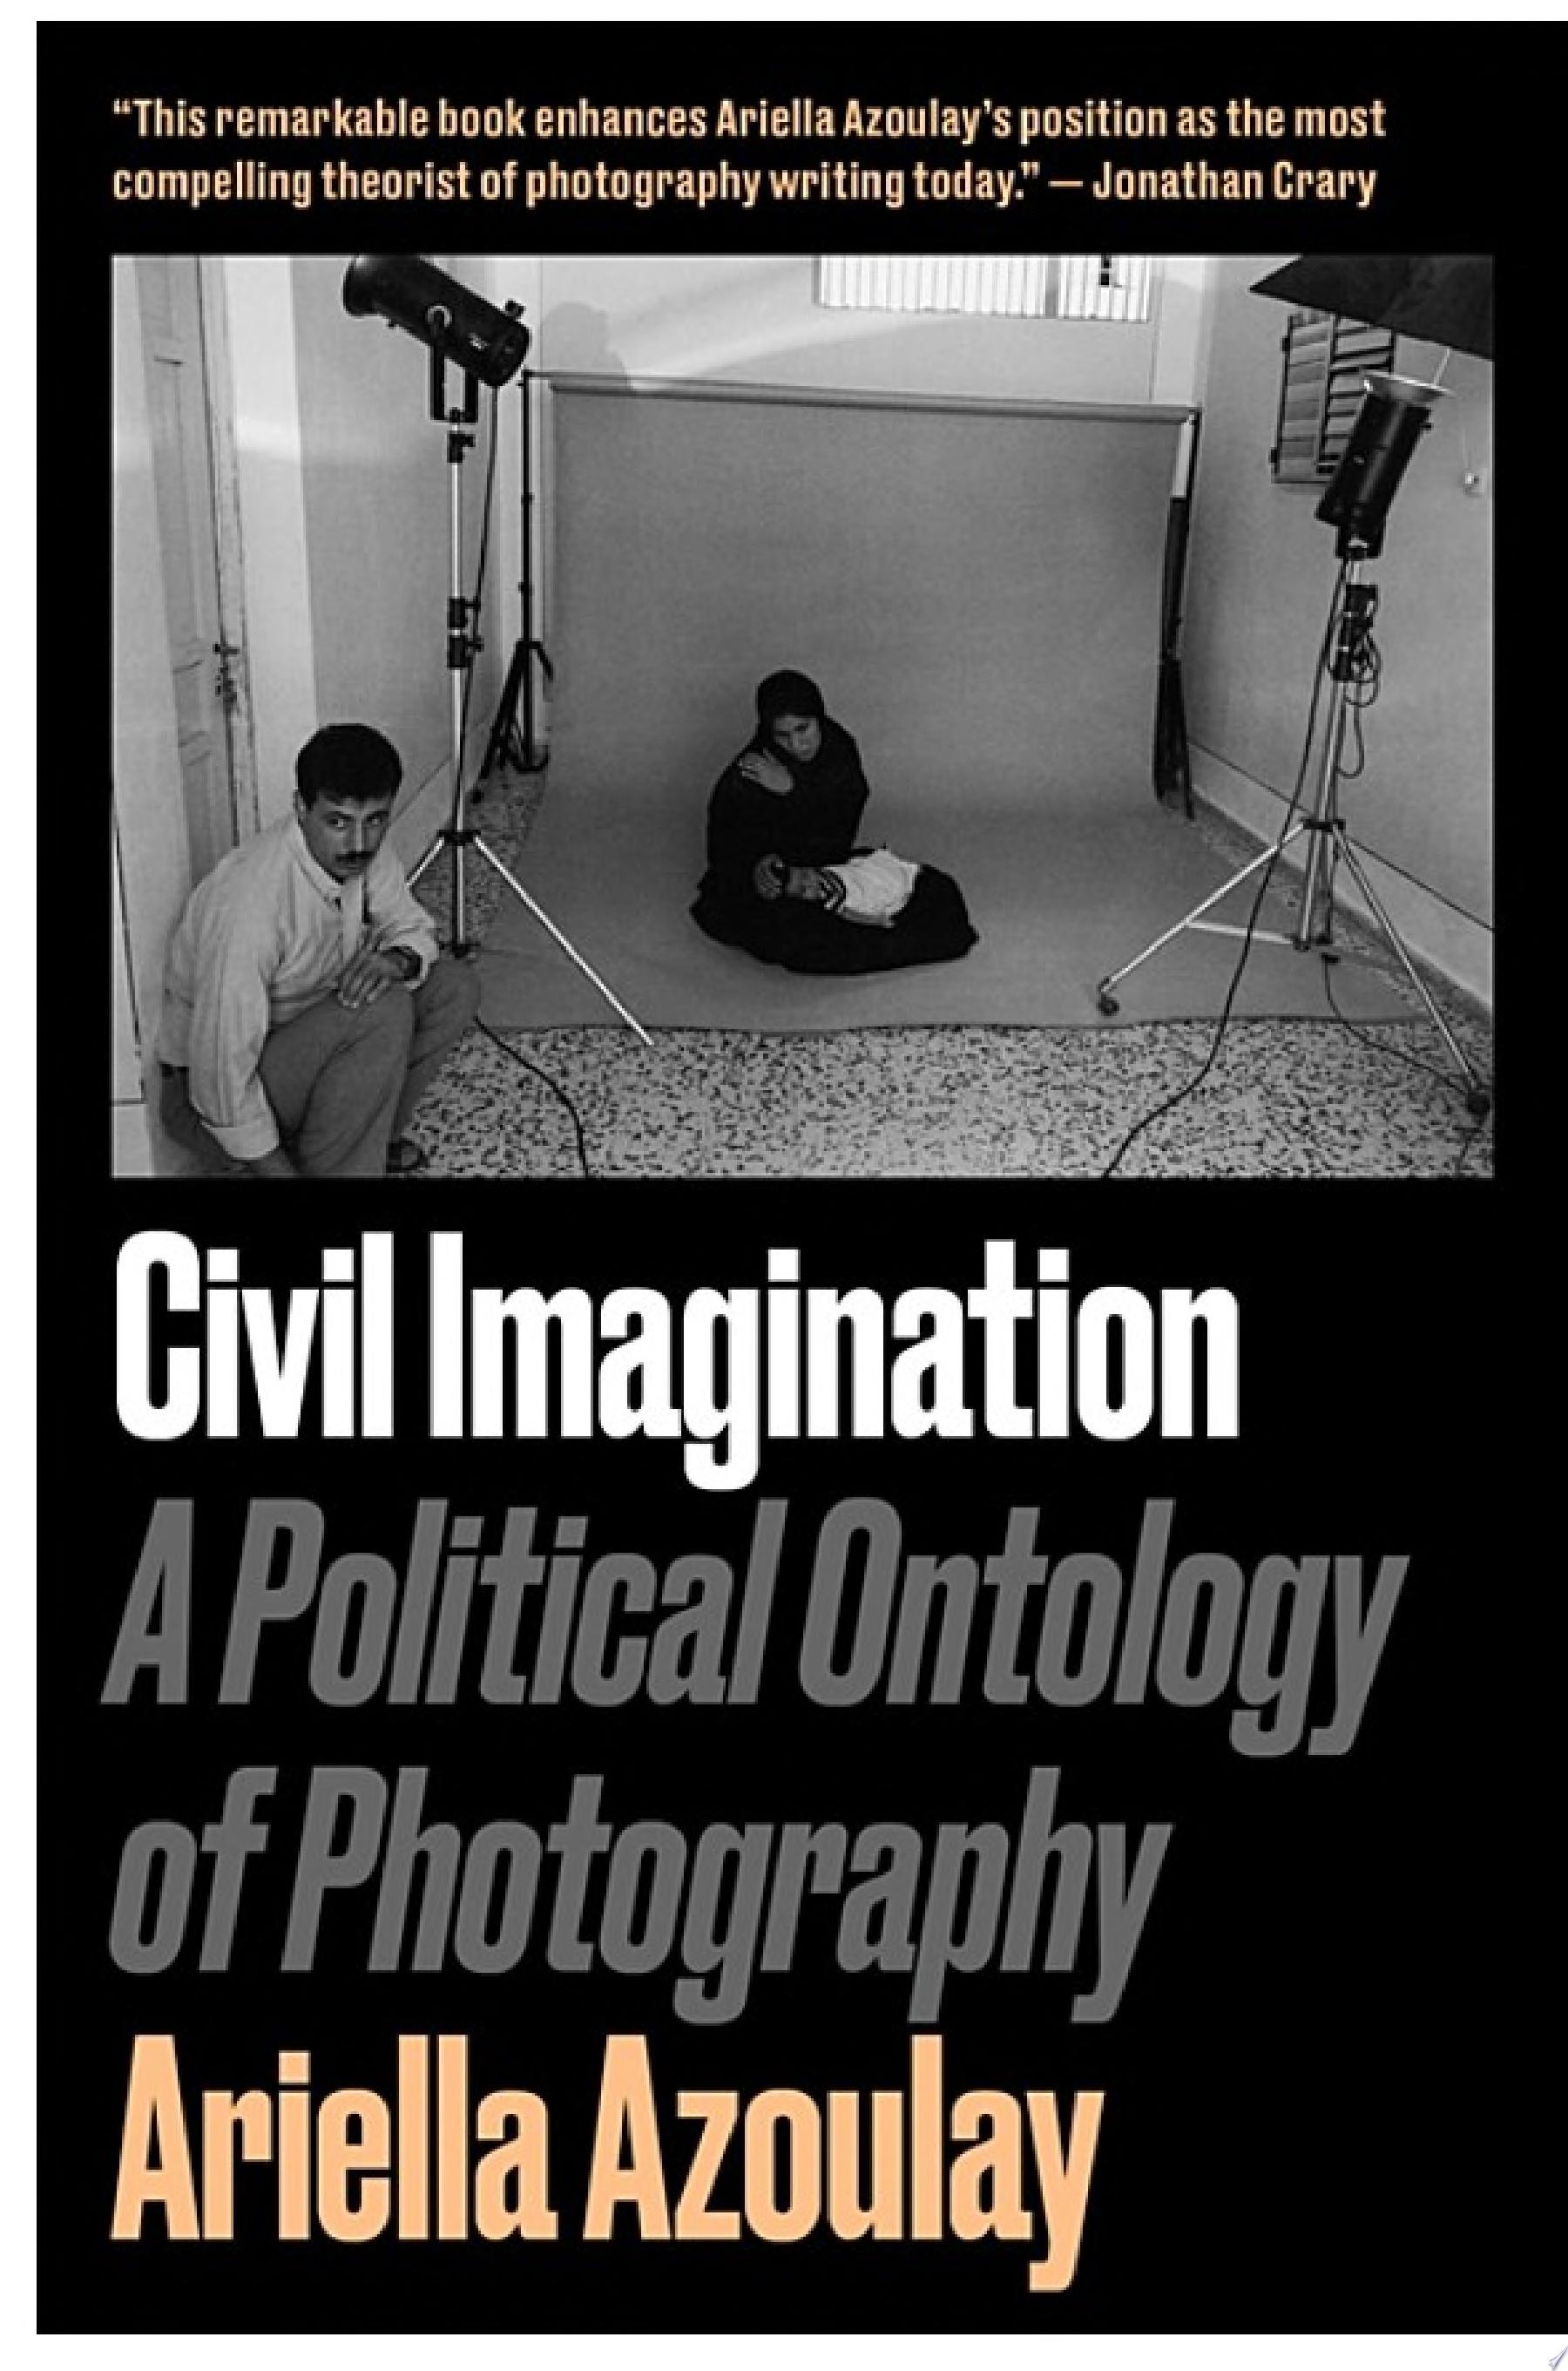 Civil Imagination